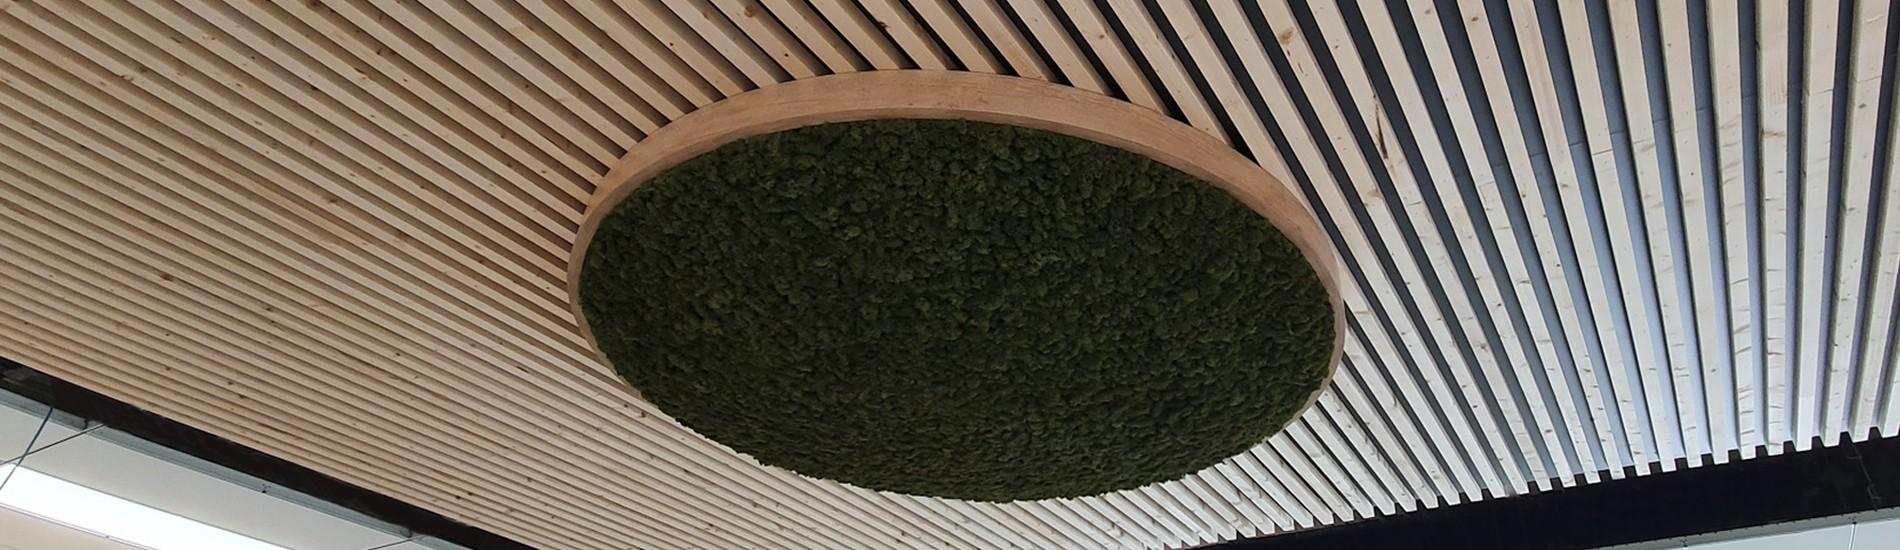 Dôme plafonnier bois et lichen vert 2 m de diamètre